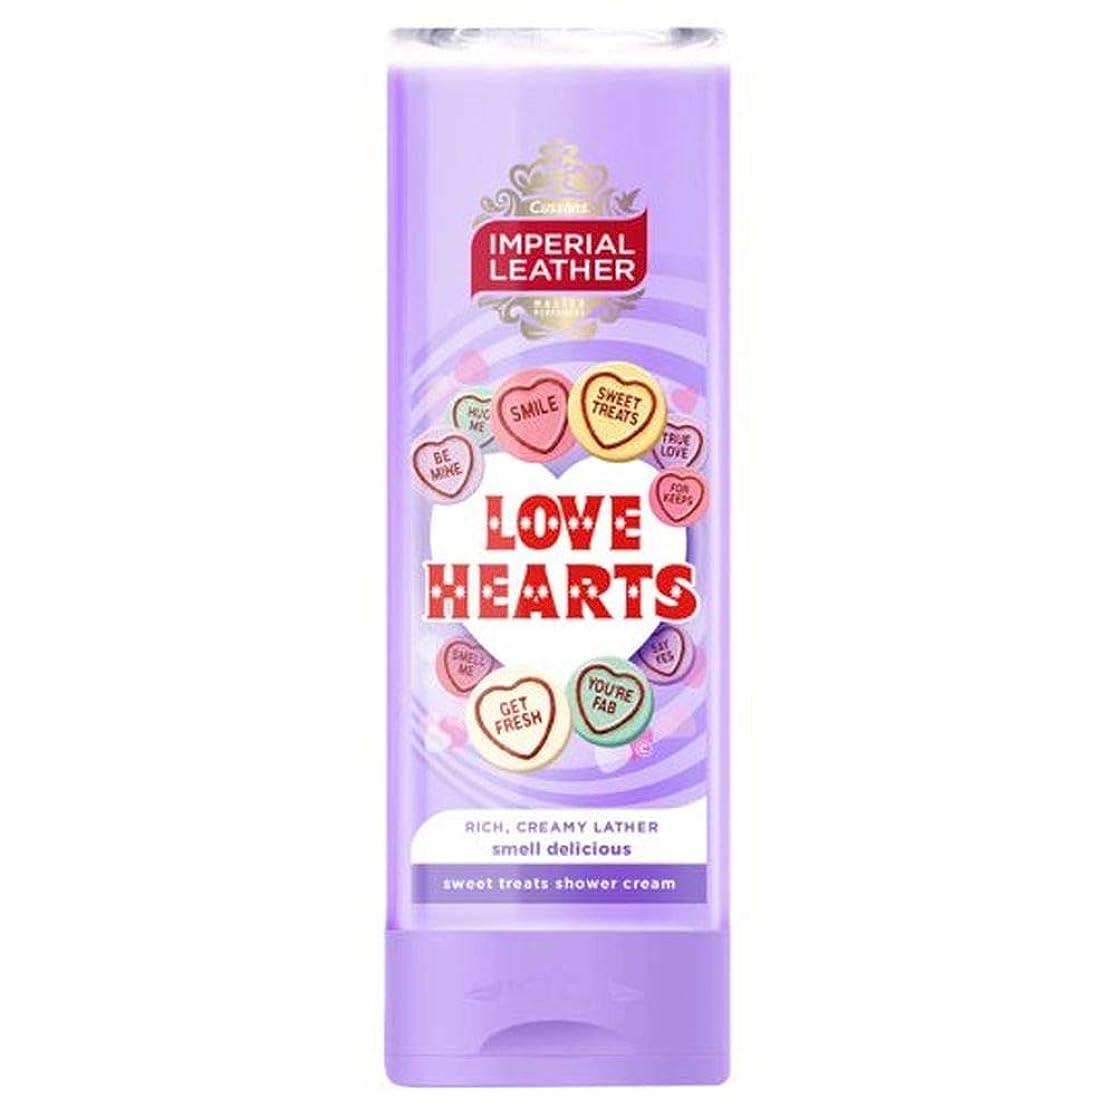 版ファンタジーメロディアス[Imperial Leather ] 帝国革の愛の心シャワージェル250ミリリットル - Imperial Leather Love Hearts Shower Gel 250Ml [並行輸入品]